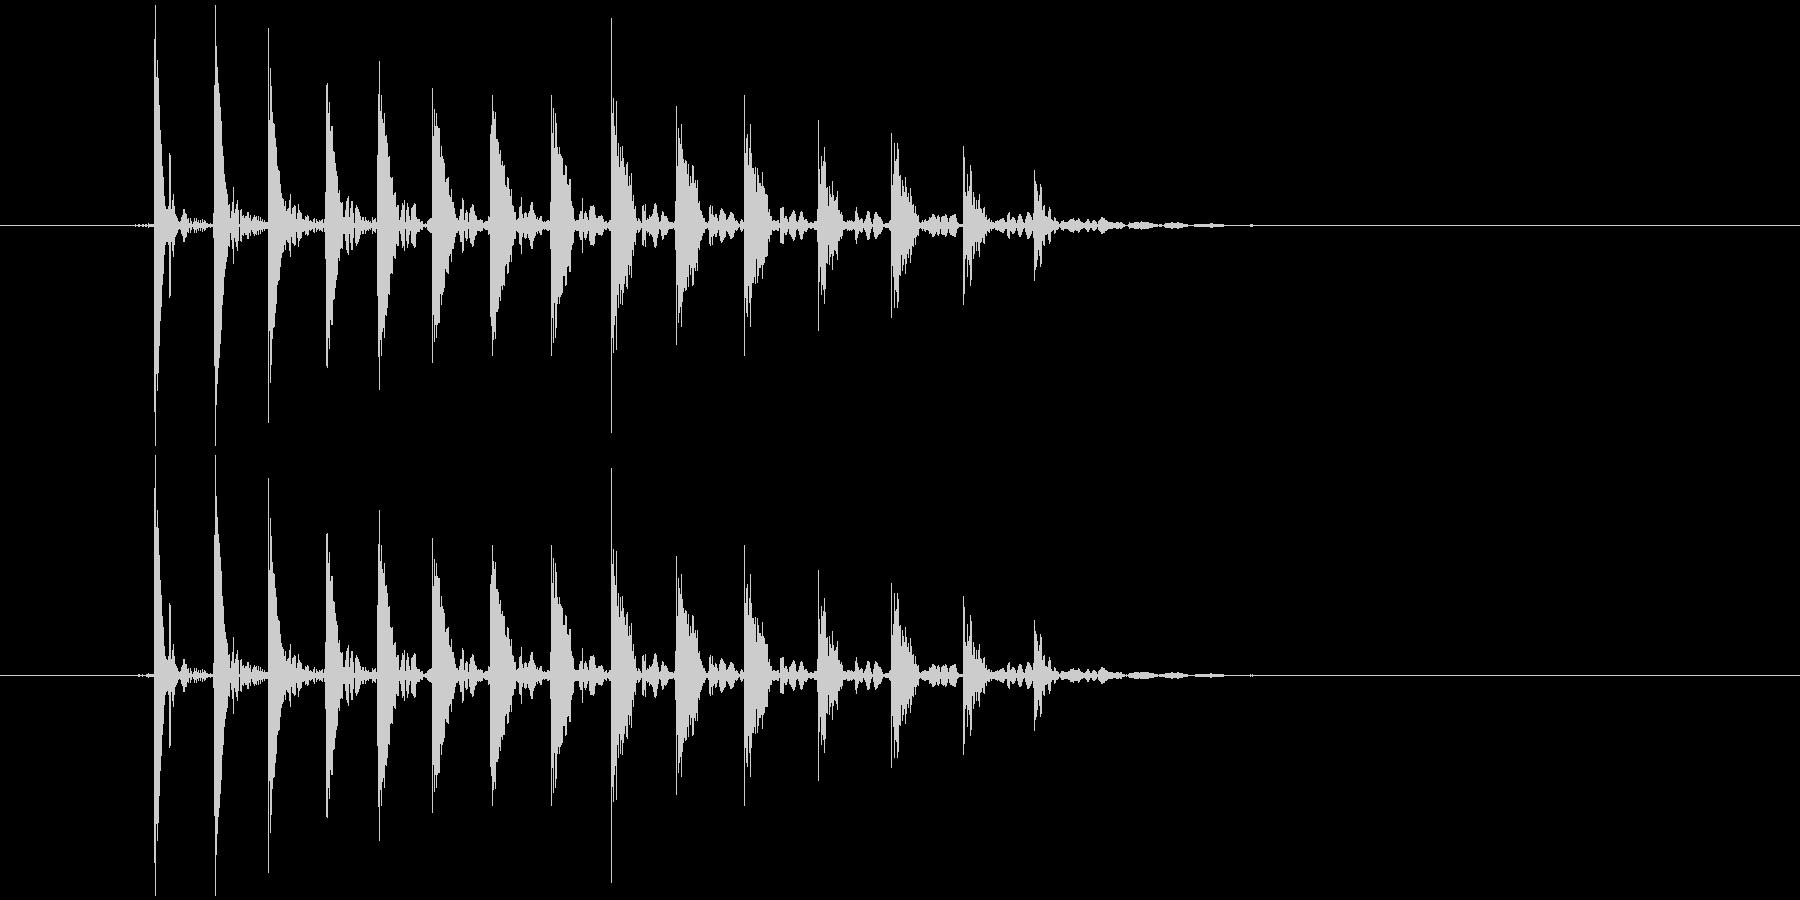 「ぽぽぽょょん」という不思議な音の未再生の波形